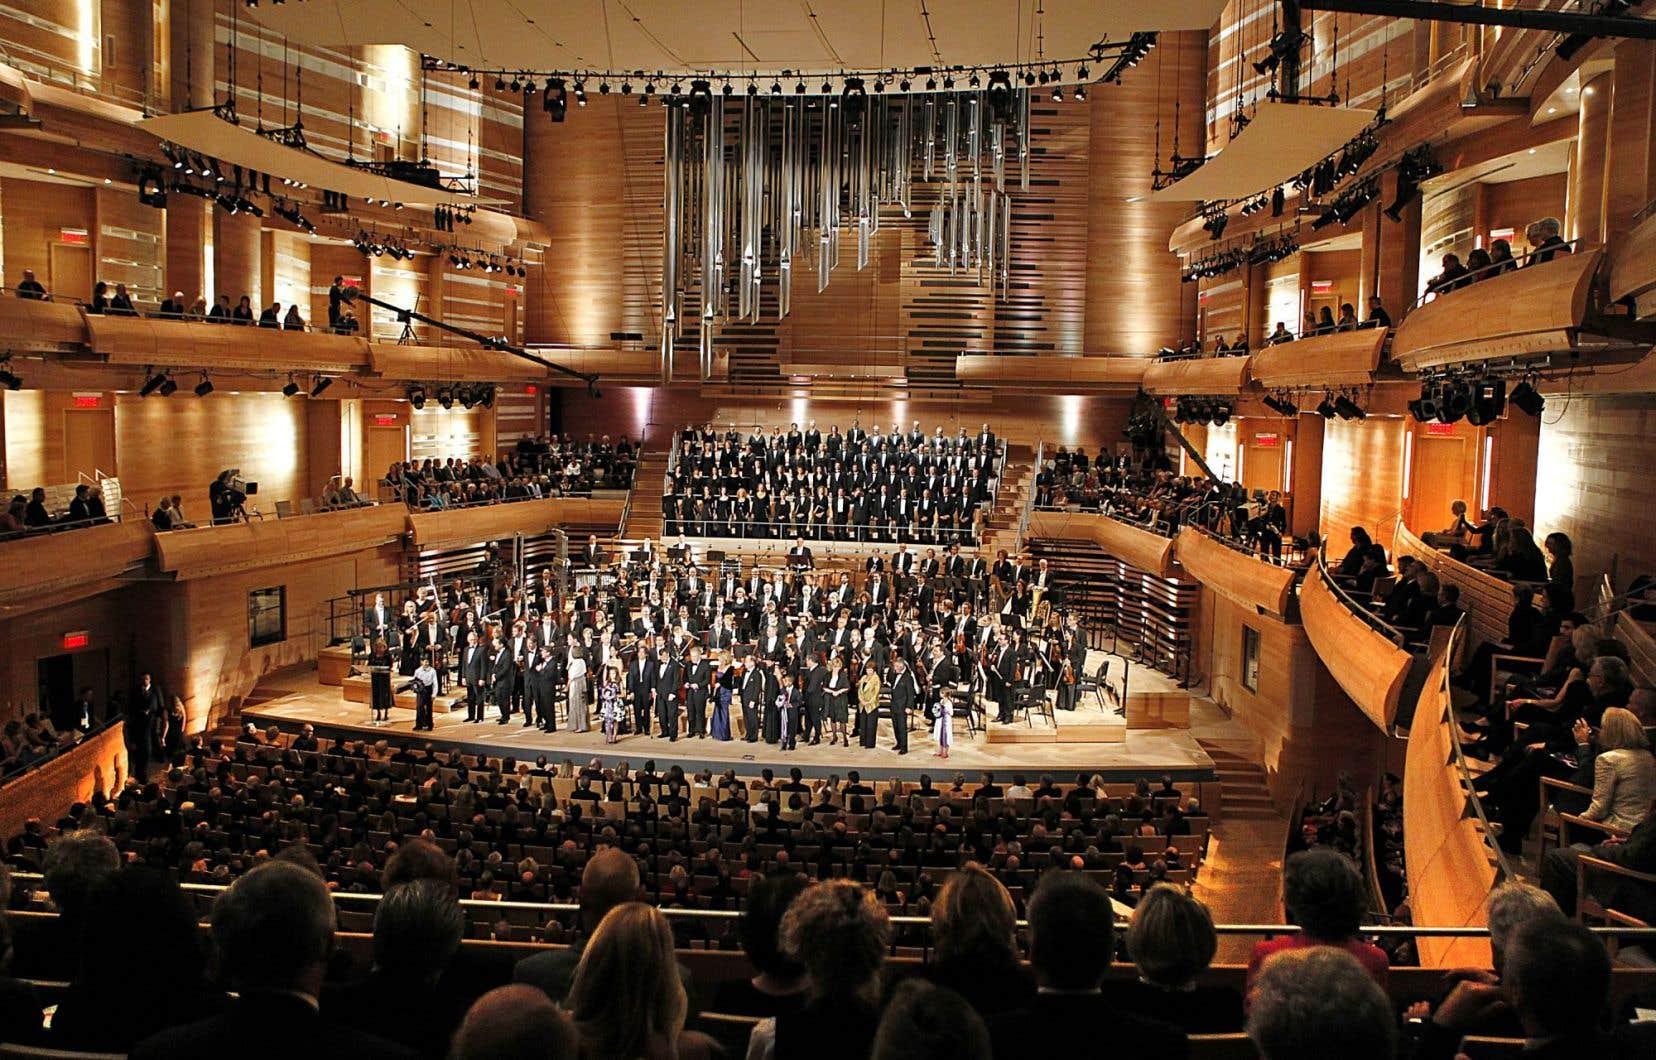 Inaugurée le 7septembre 2011, la Maison symphonique a permis d'améliorer l'expérience musicale des spectateurs, tout comme celle des musiciens.